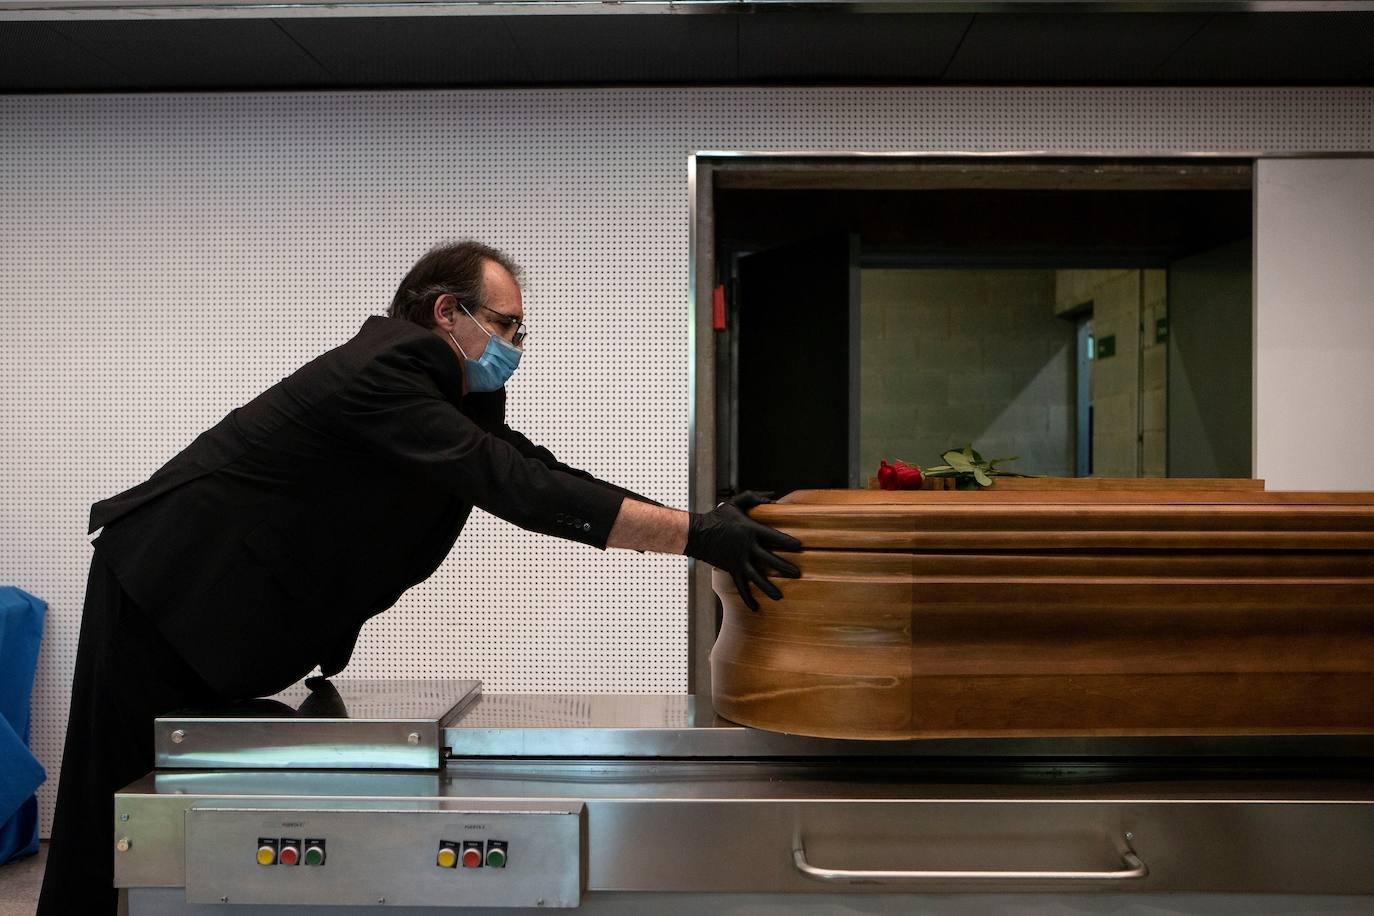 Una funeraria salva a una joven a punto de ser embalsamada viva: «Abrimos la bolsa y vimos sus ojos abiertos» | Las Provincias